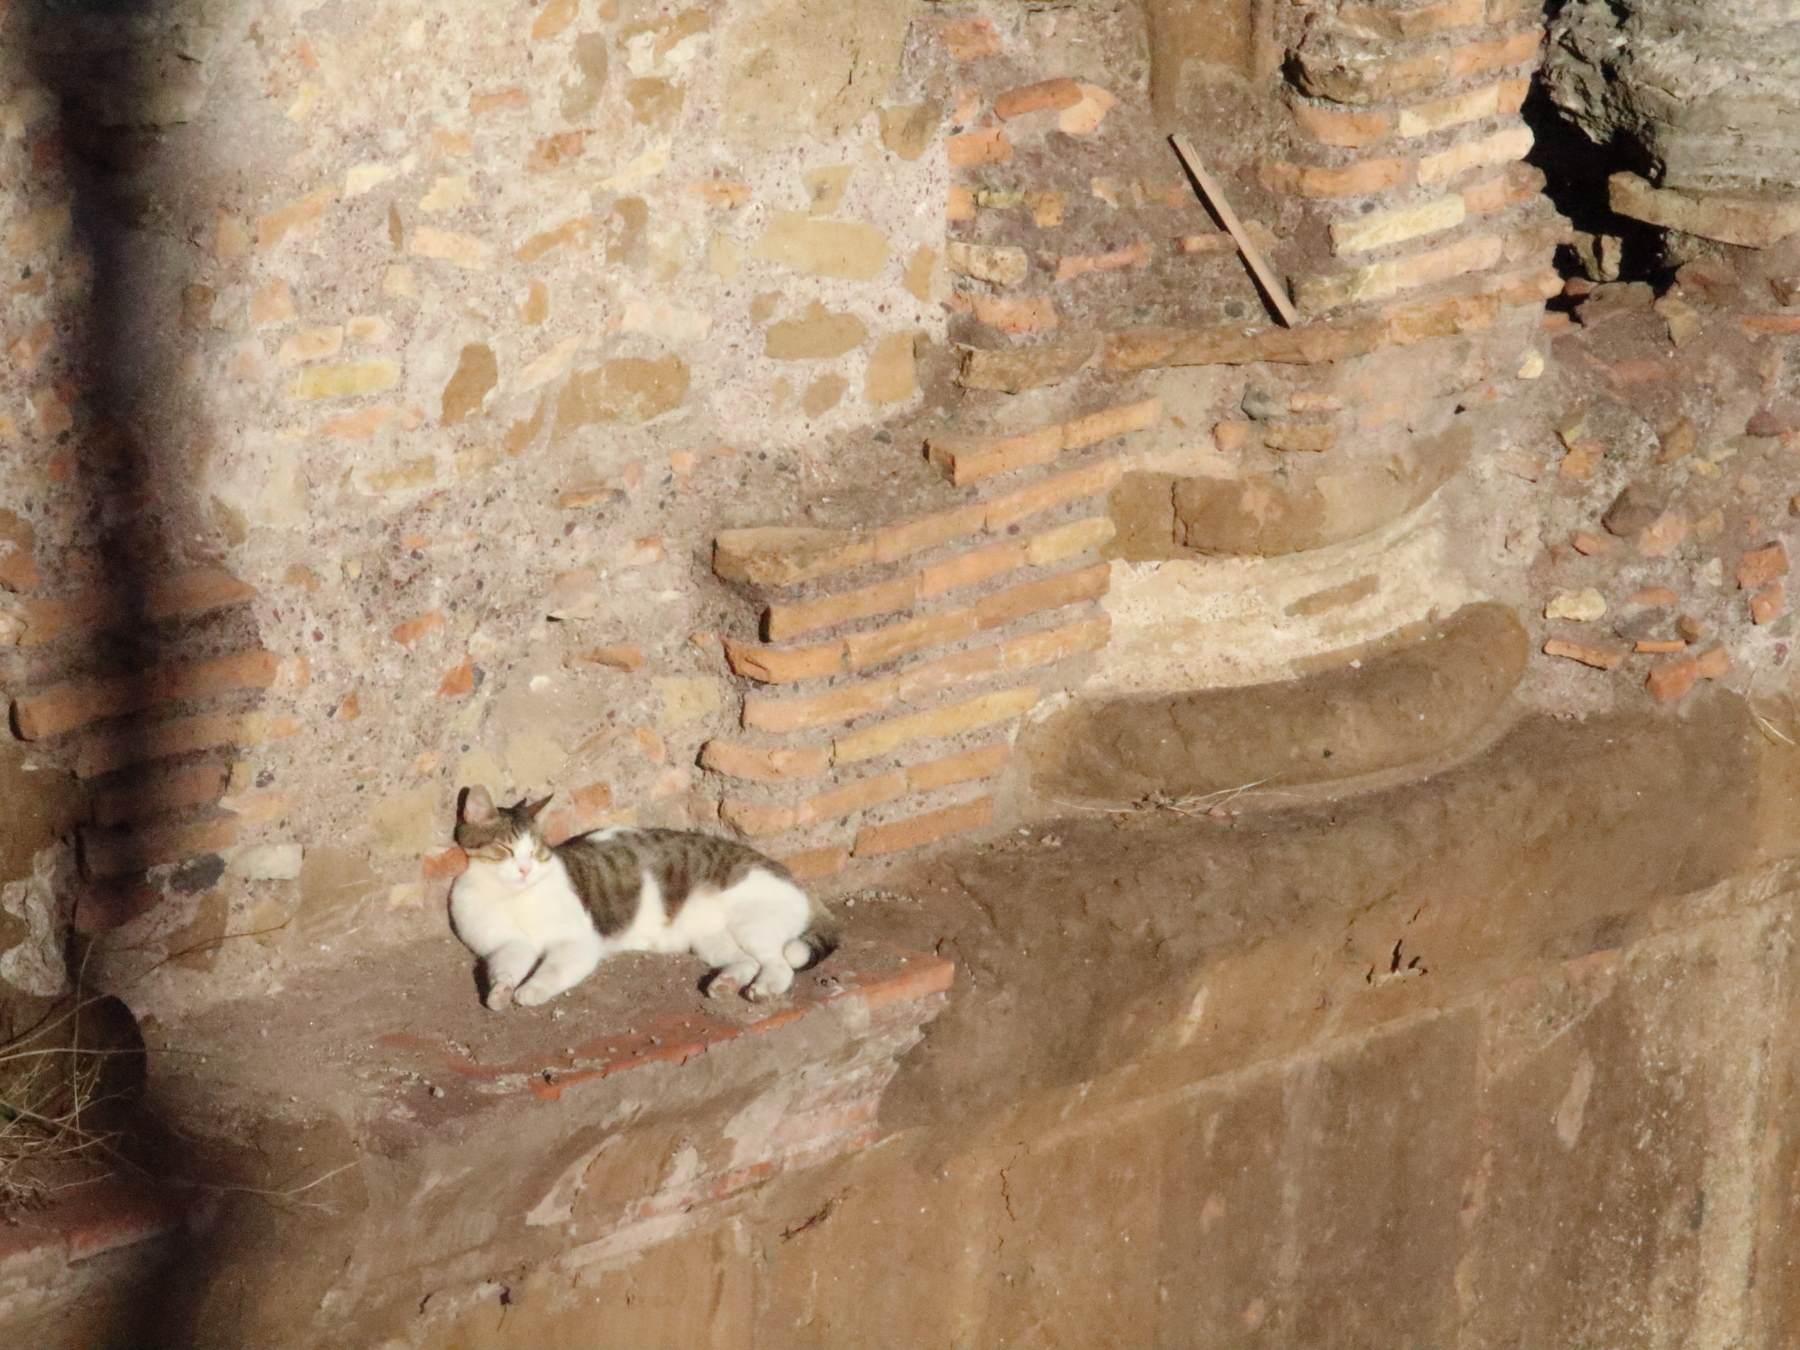 トッレ・アルジェンティーナ広場の猫